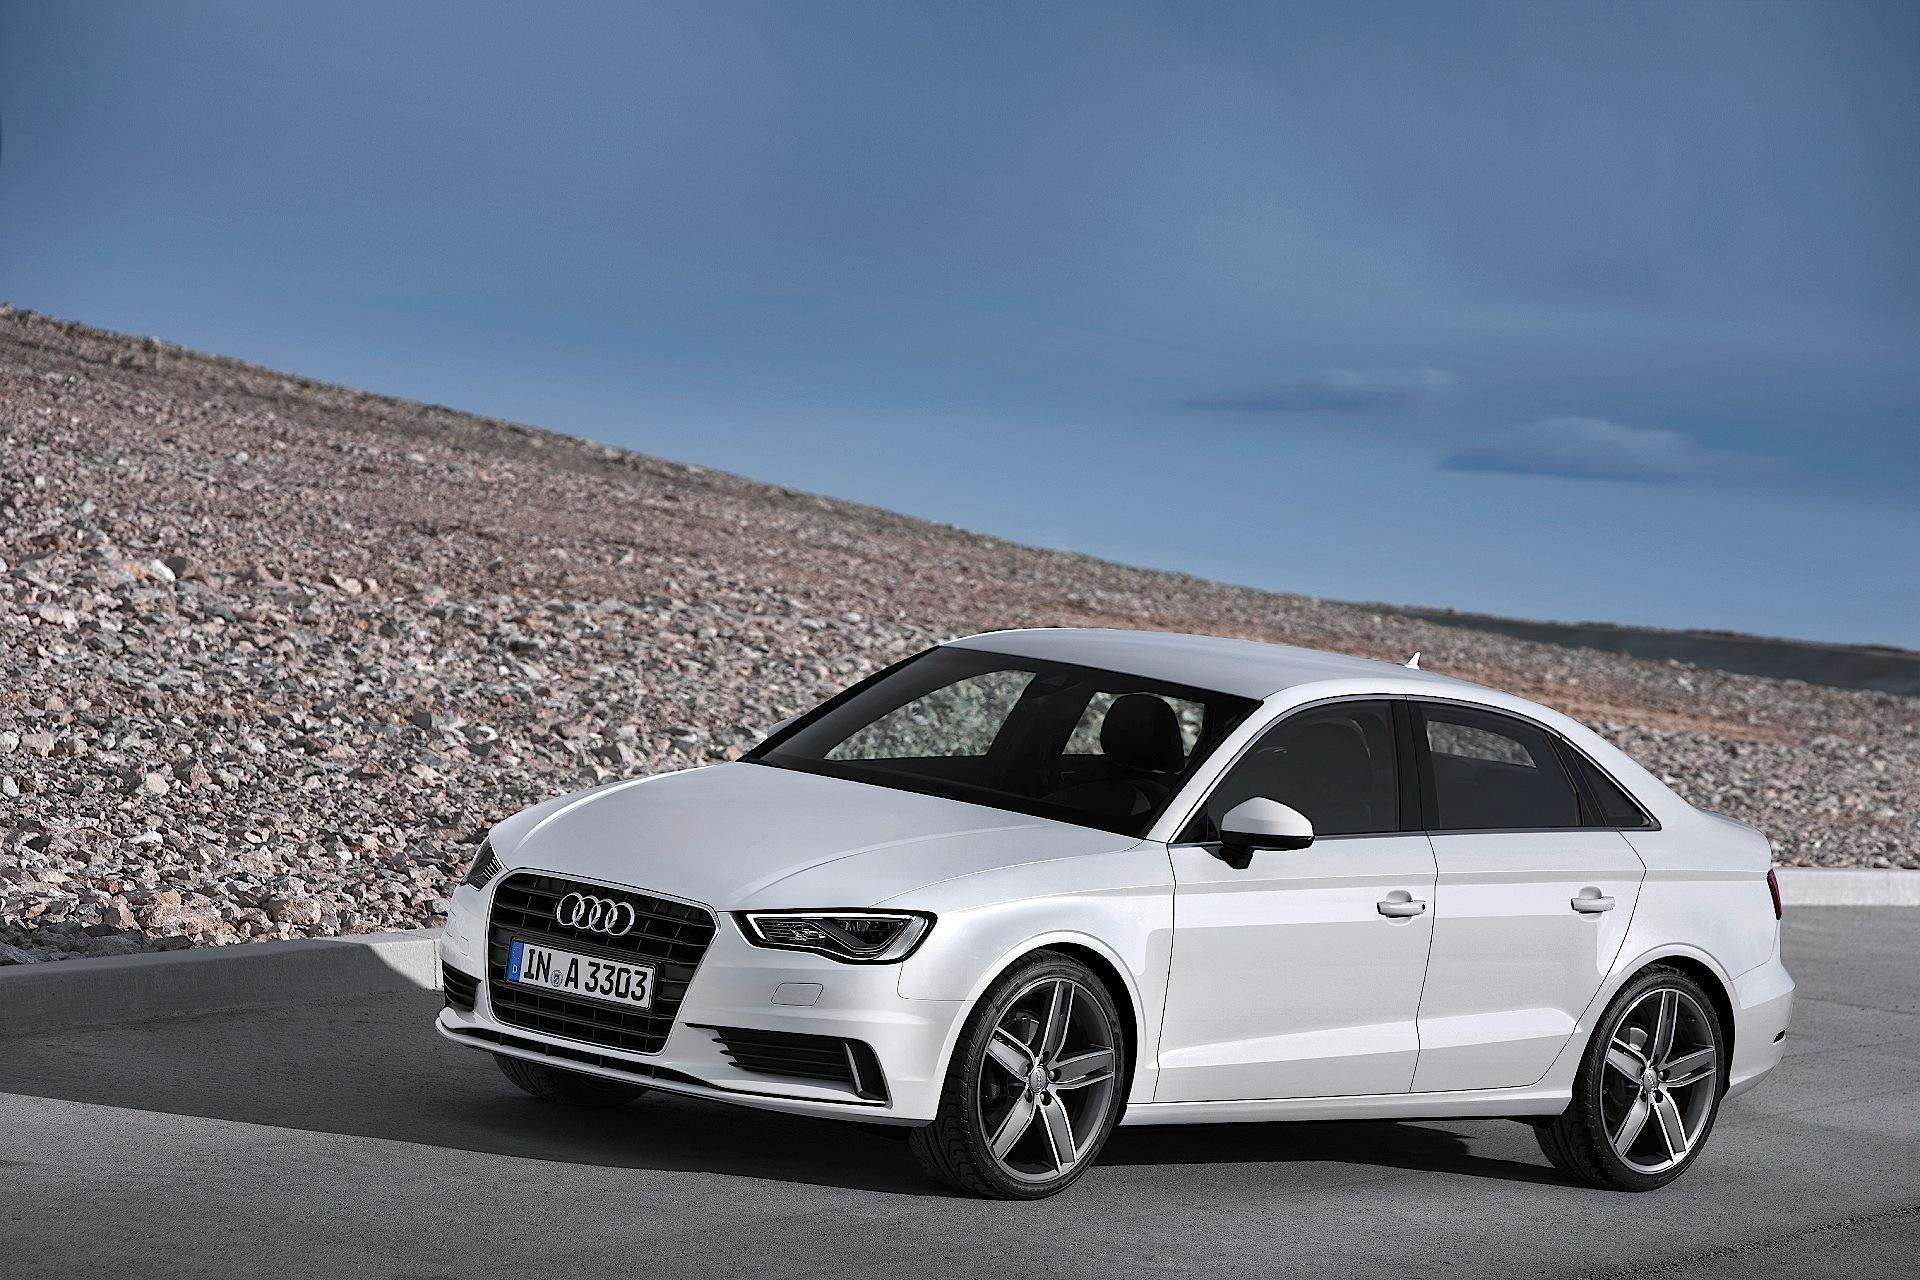 Kelebihan Kekurangan Audi A3 Sedan 2016 Top Model Tahun Ini